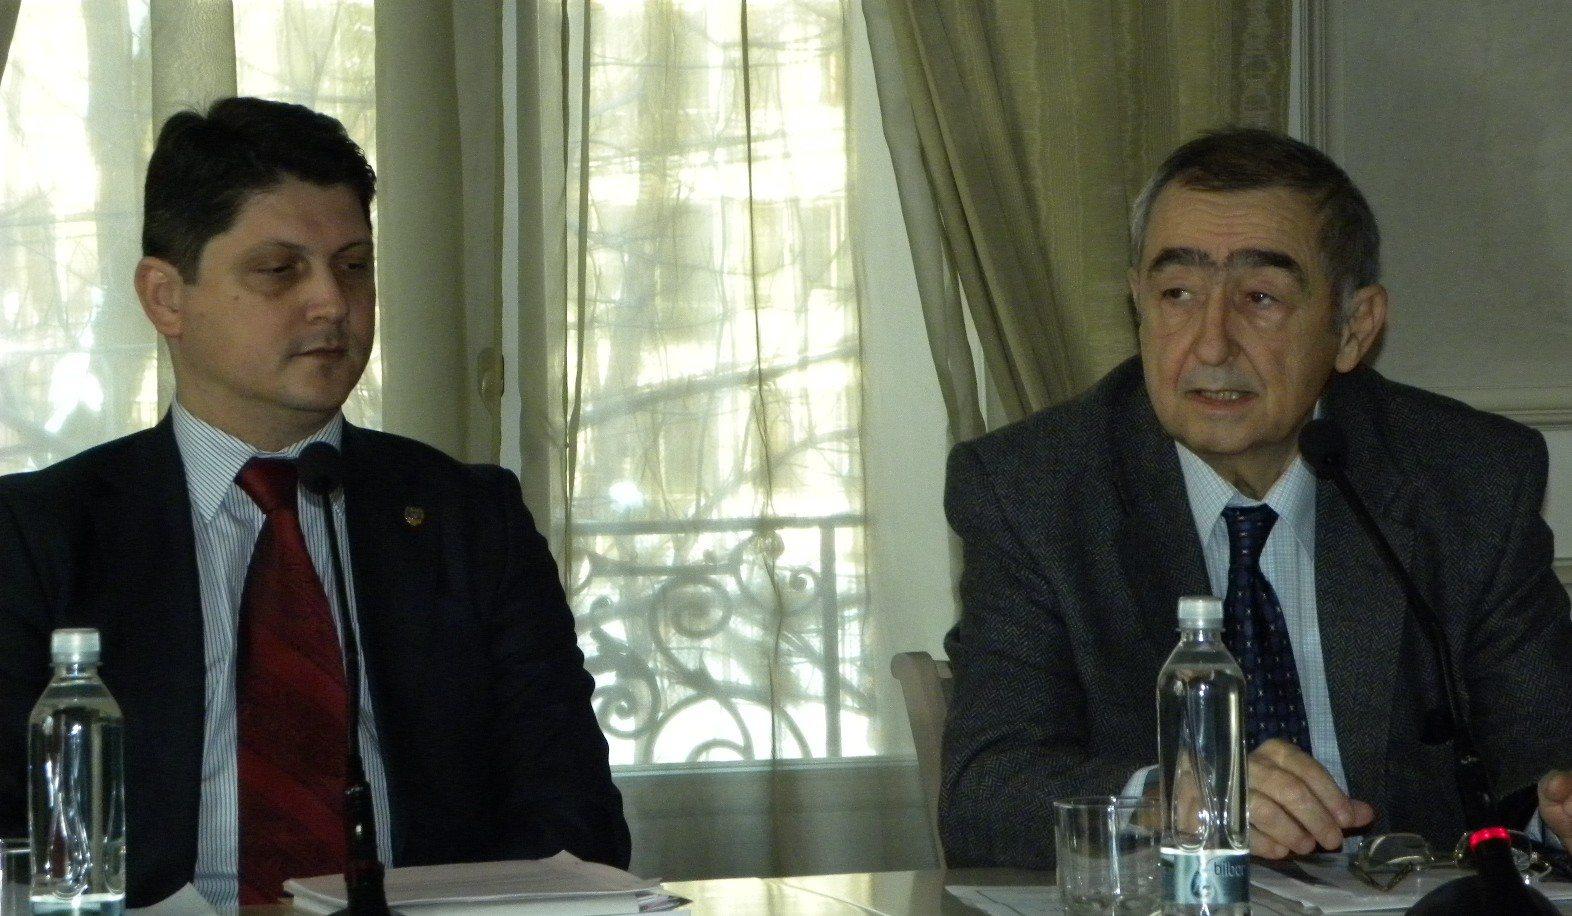 Dialog şi reconciliere între ţările fostei Iugoslavii